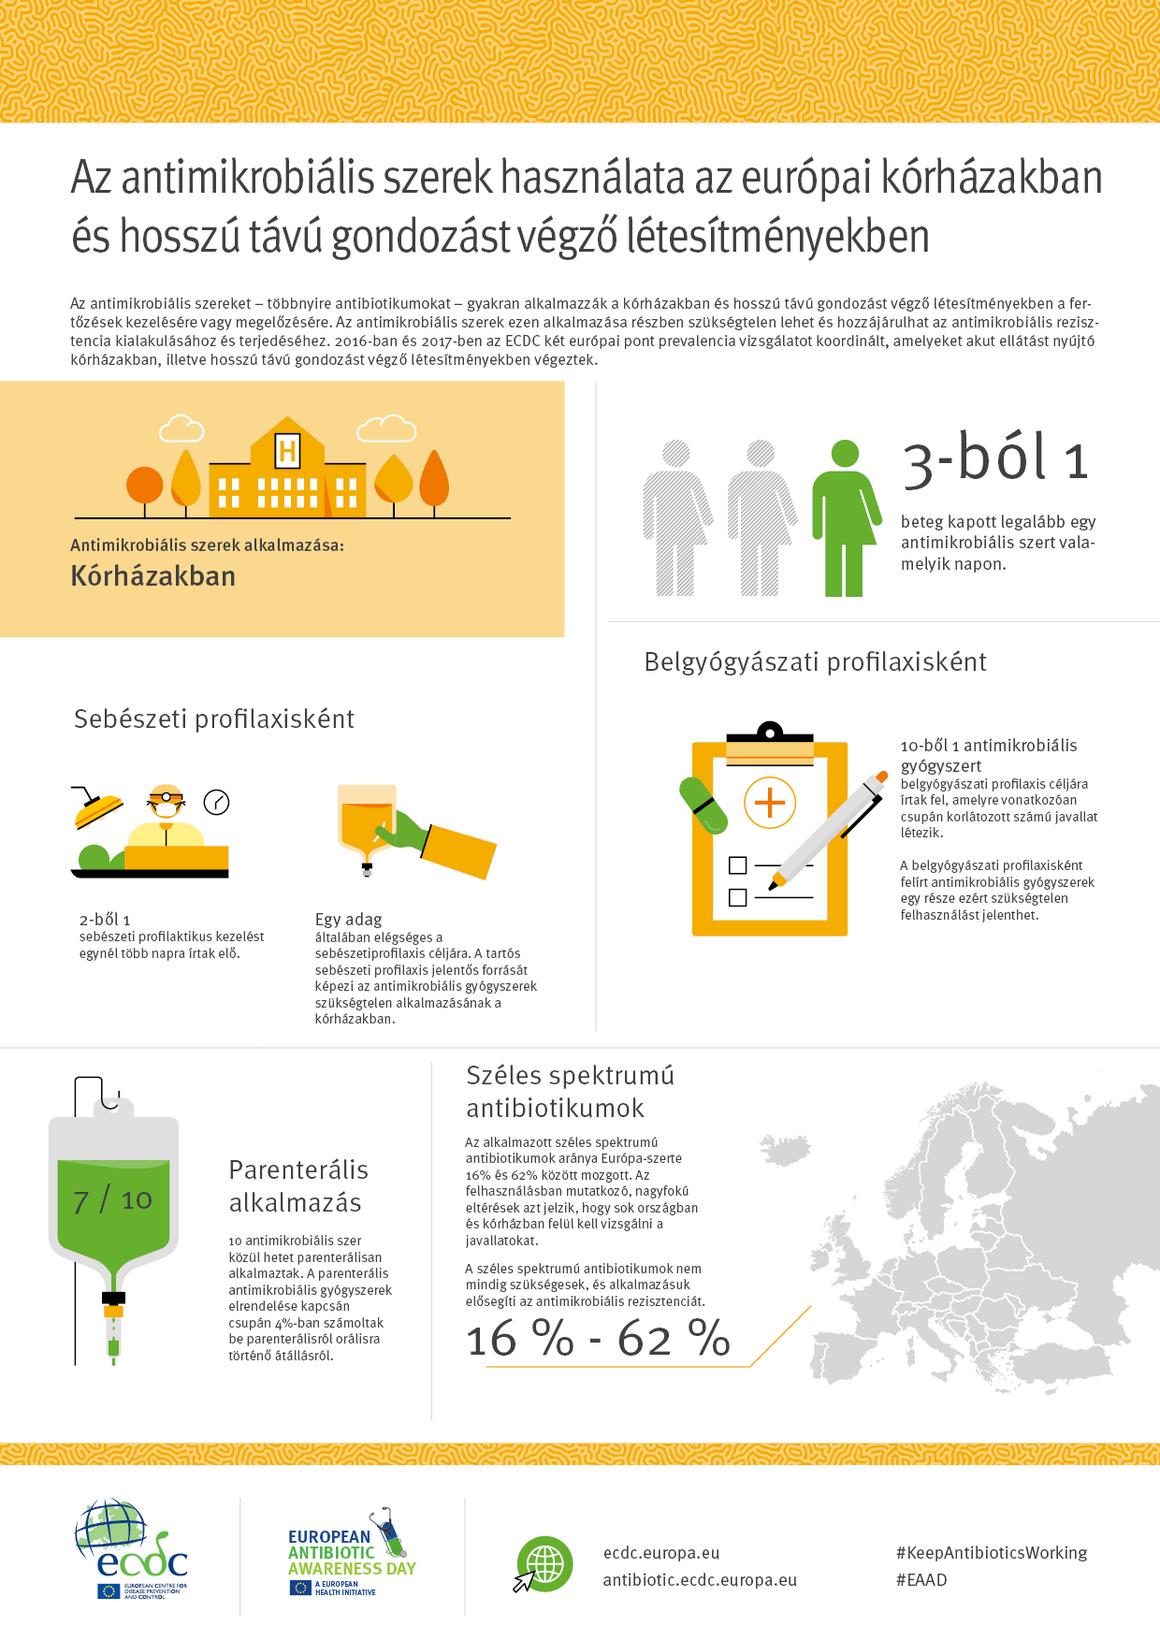 Az antimikrobiális szerek használata az európai kórházakban és hosszú távú gondozást végző létesítményekben